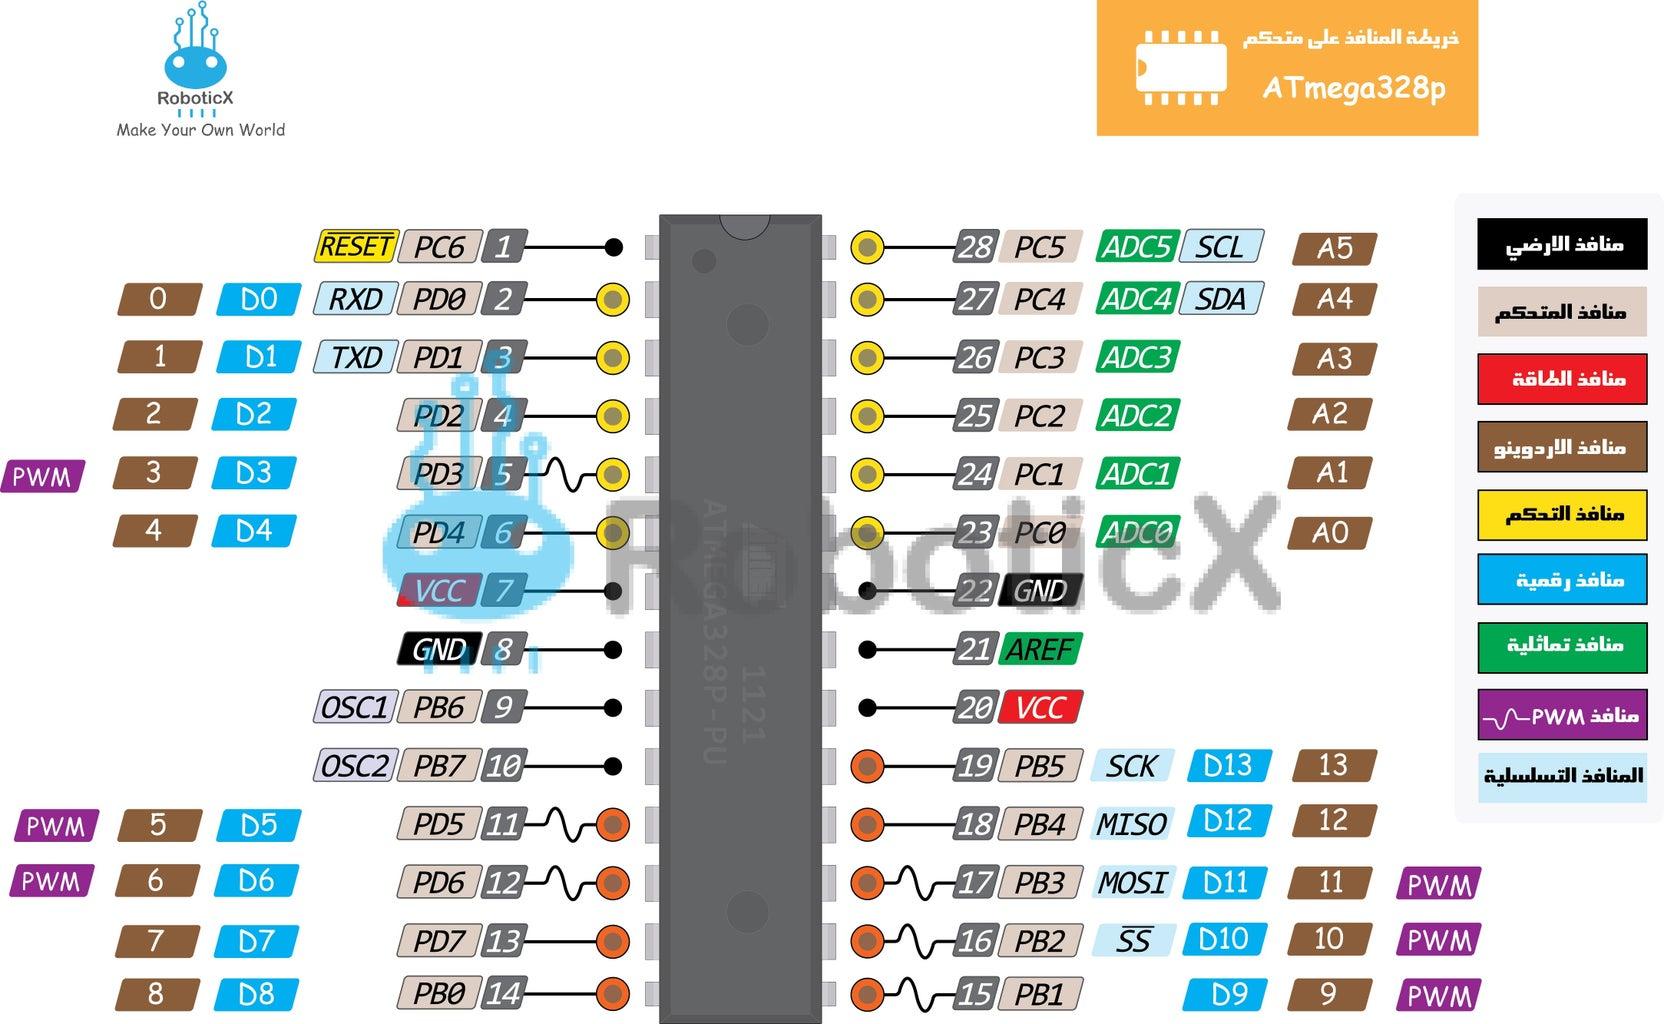 المعالج الدقيق و الذاكرة  MICROPROCESSOR  ATMEGA328P